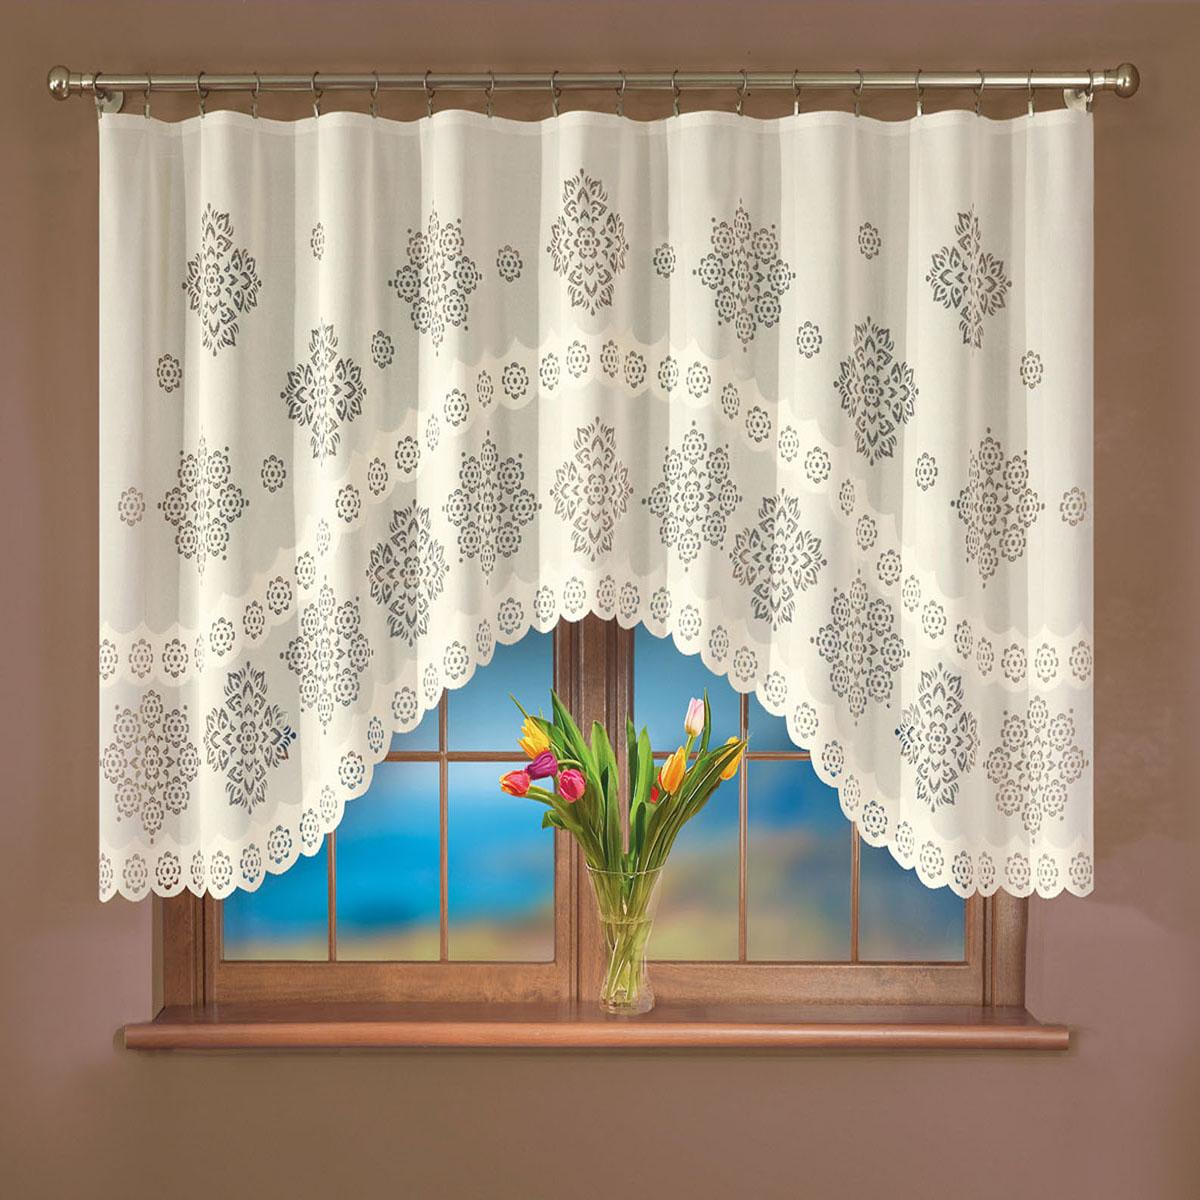 Гардина Wisan, цвет: кремовый, ширина 250 см, высота 120 см. 109Е комплект штор для кухни wisan celina на ленте цвет белый оранжевый высота 180 см